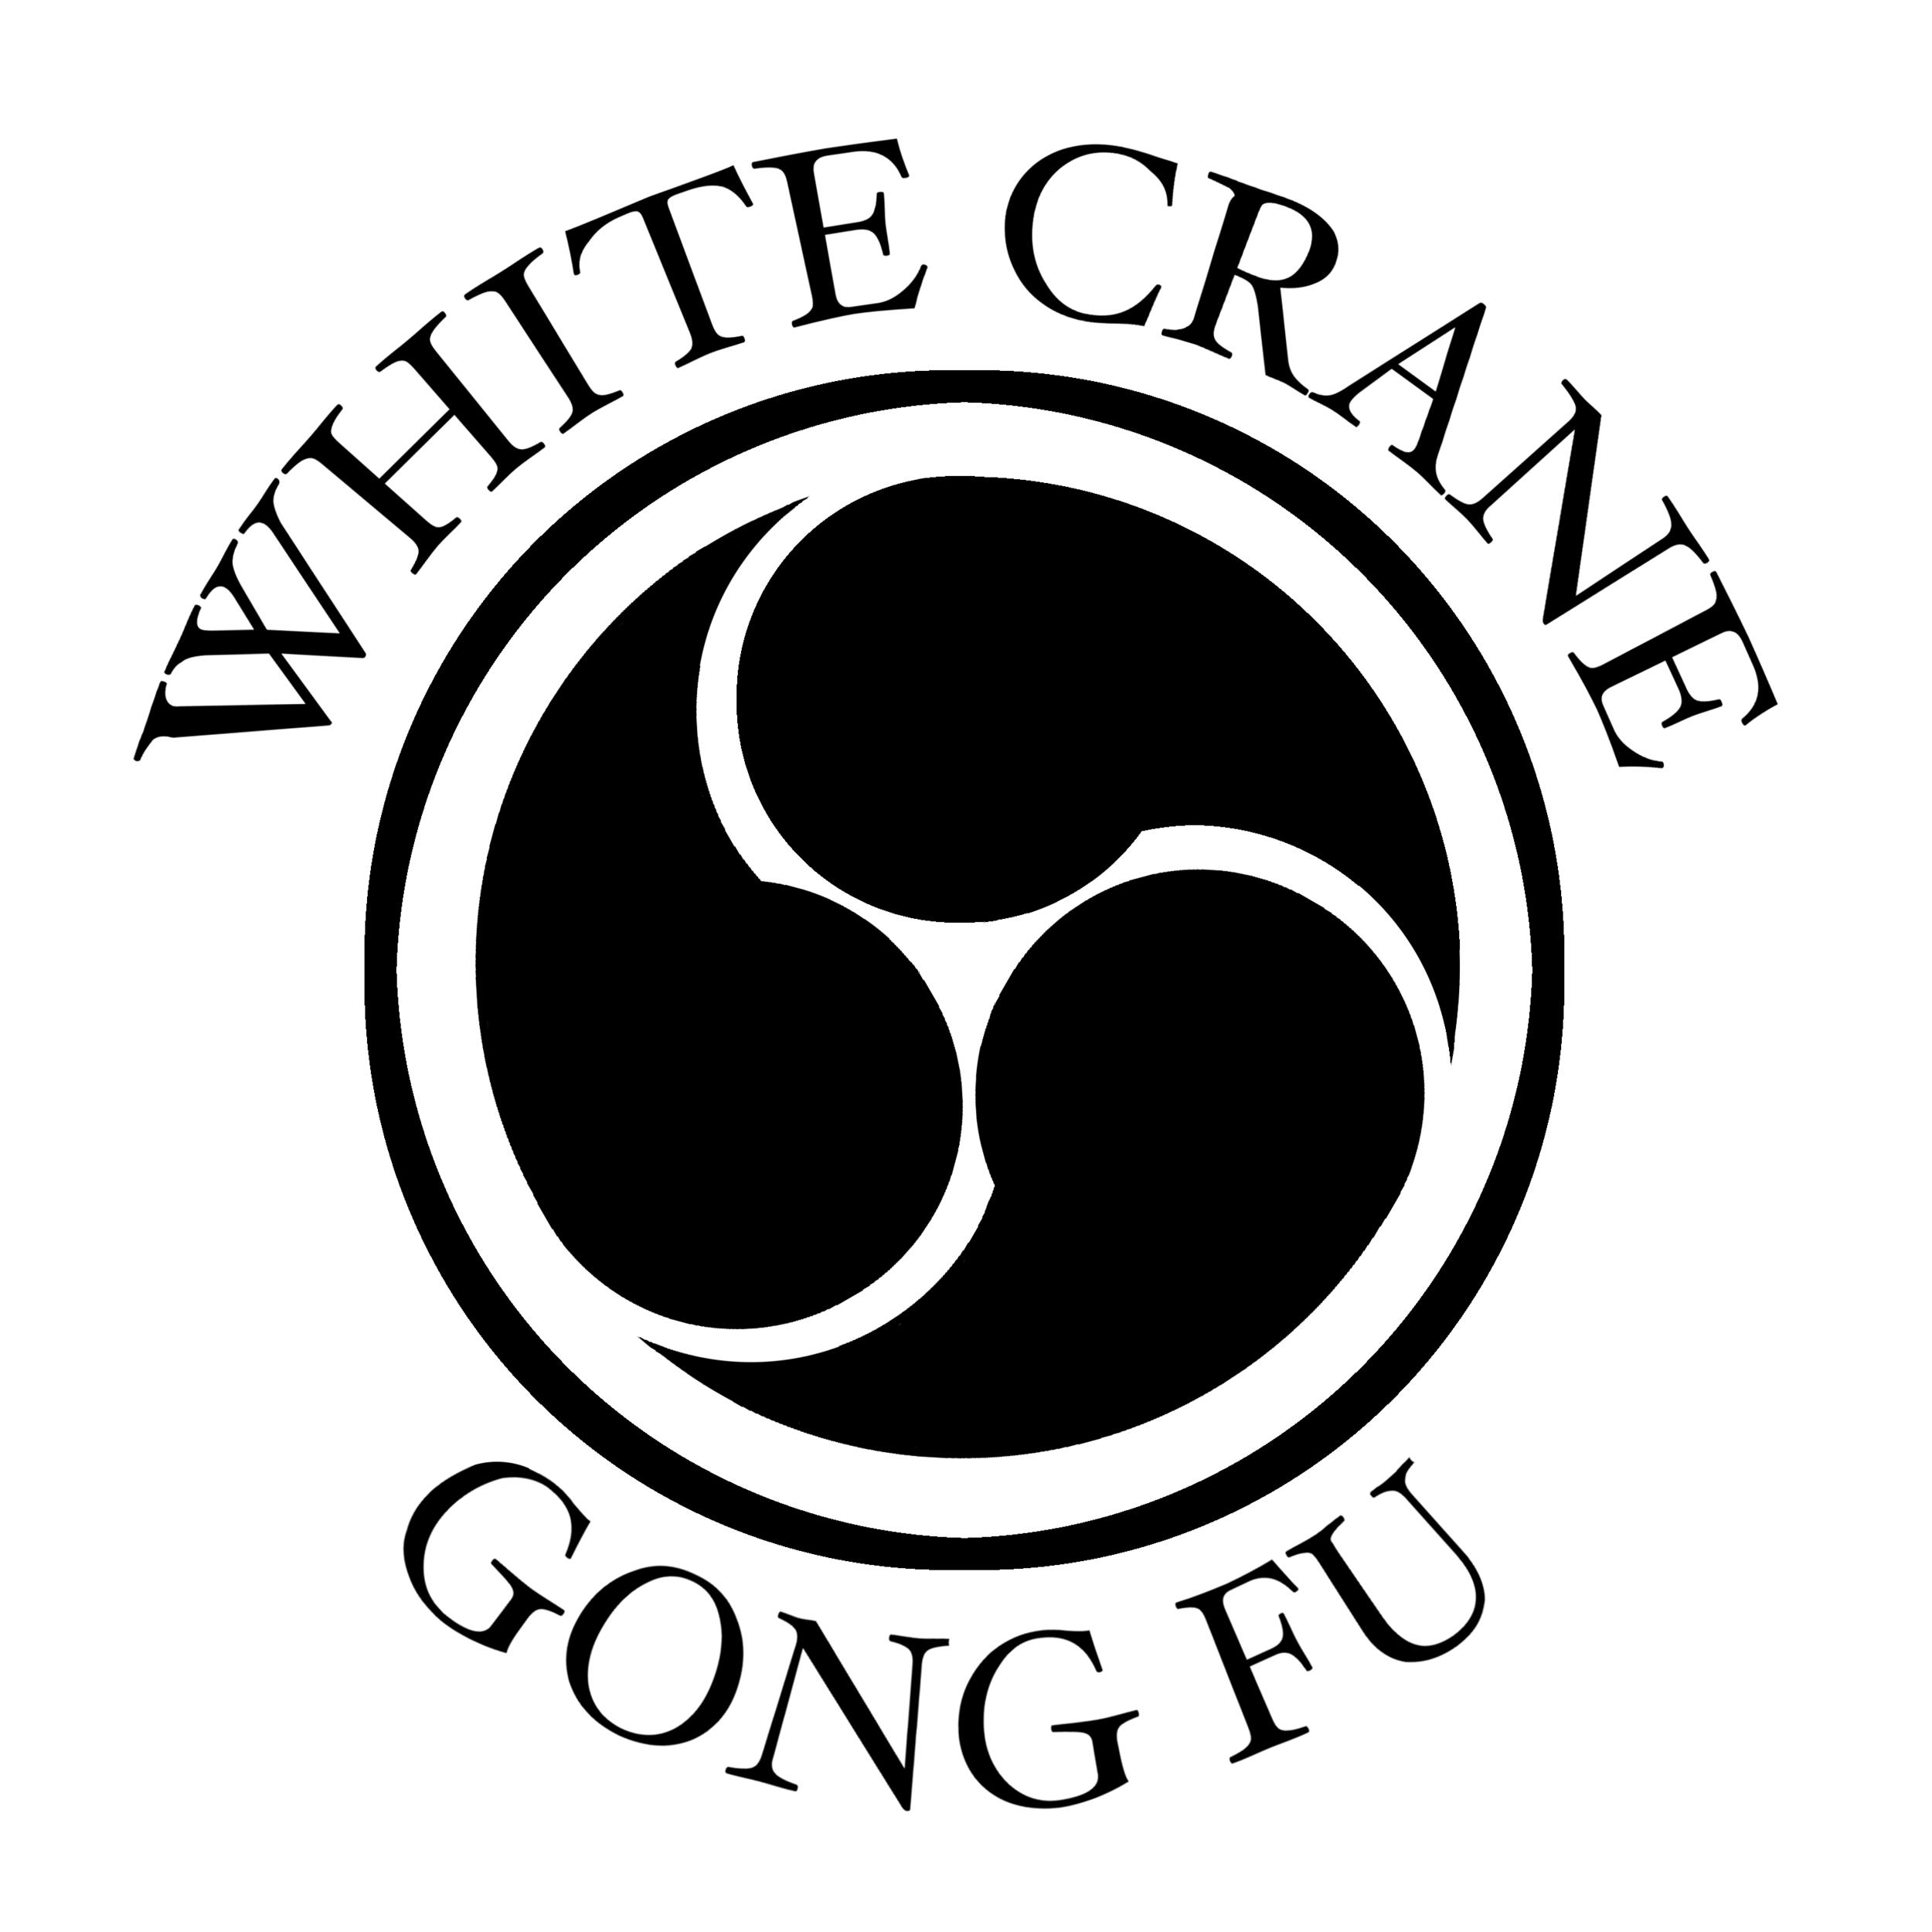 White_Crane_Kung_Fu.jpg